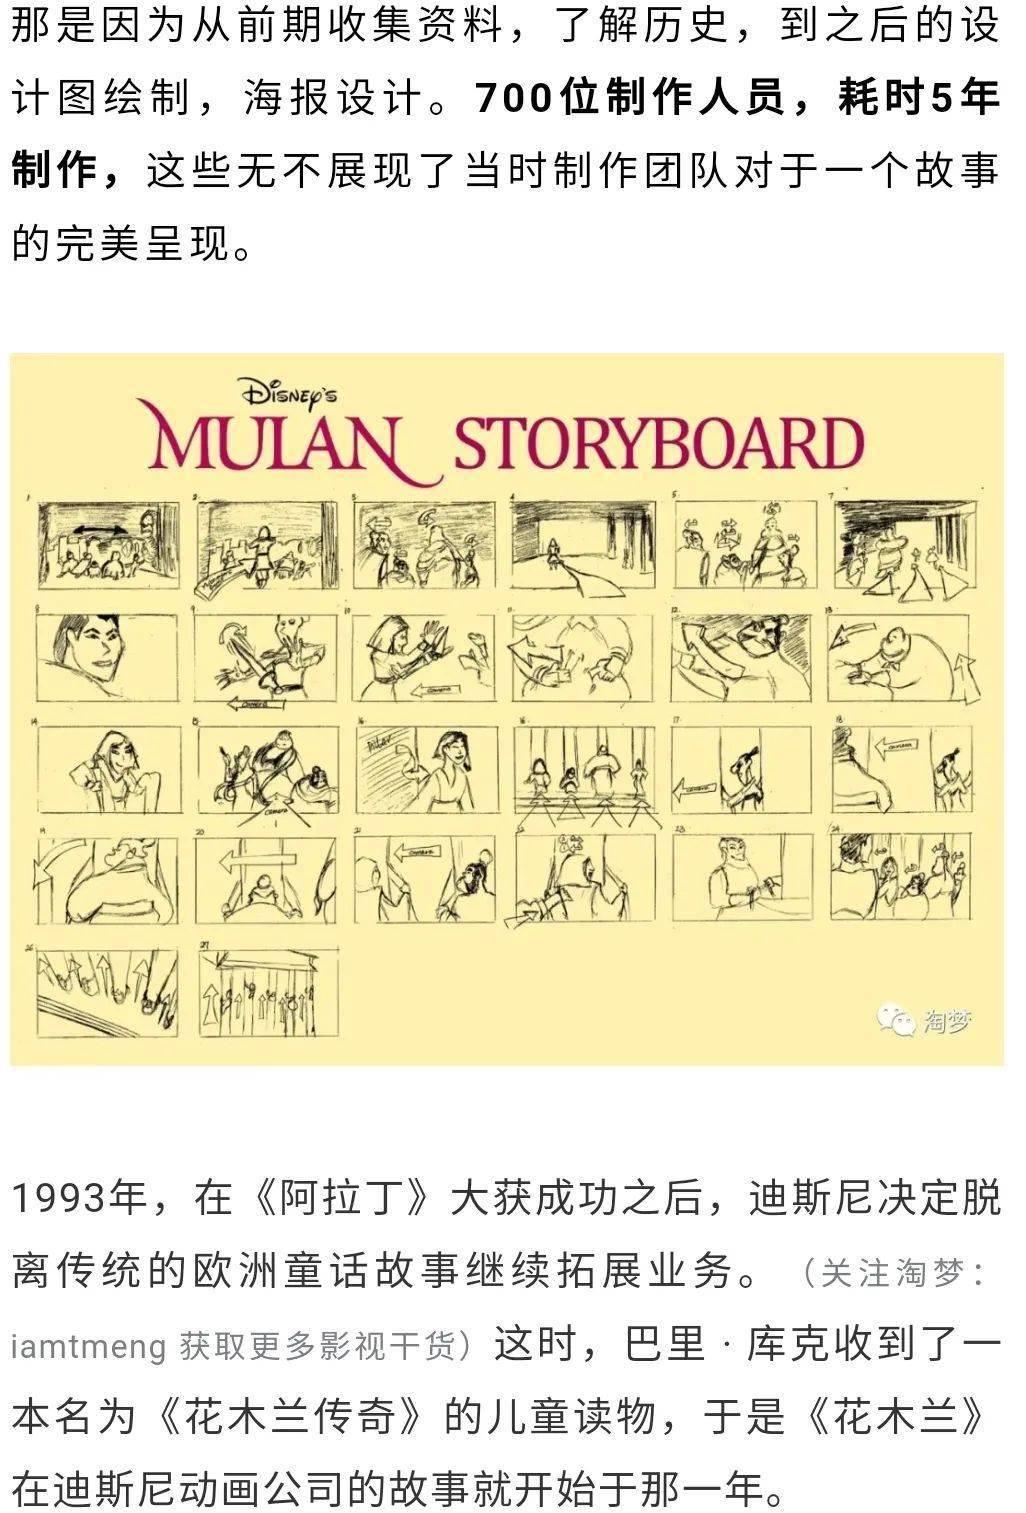 《花木兰》幕后故事板视点设计图角色设